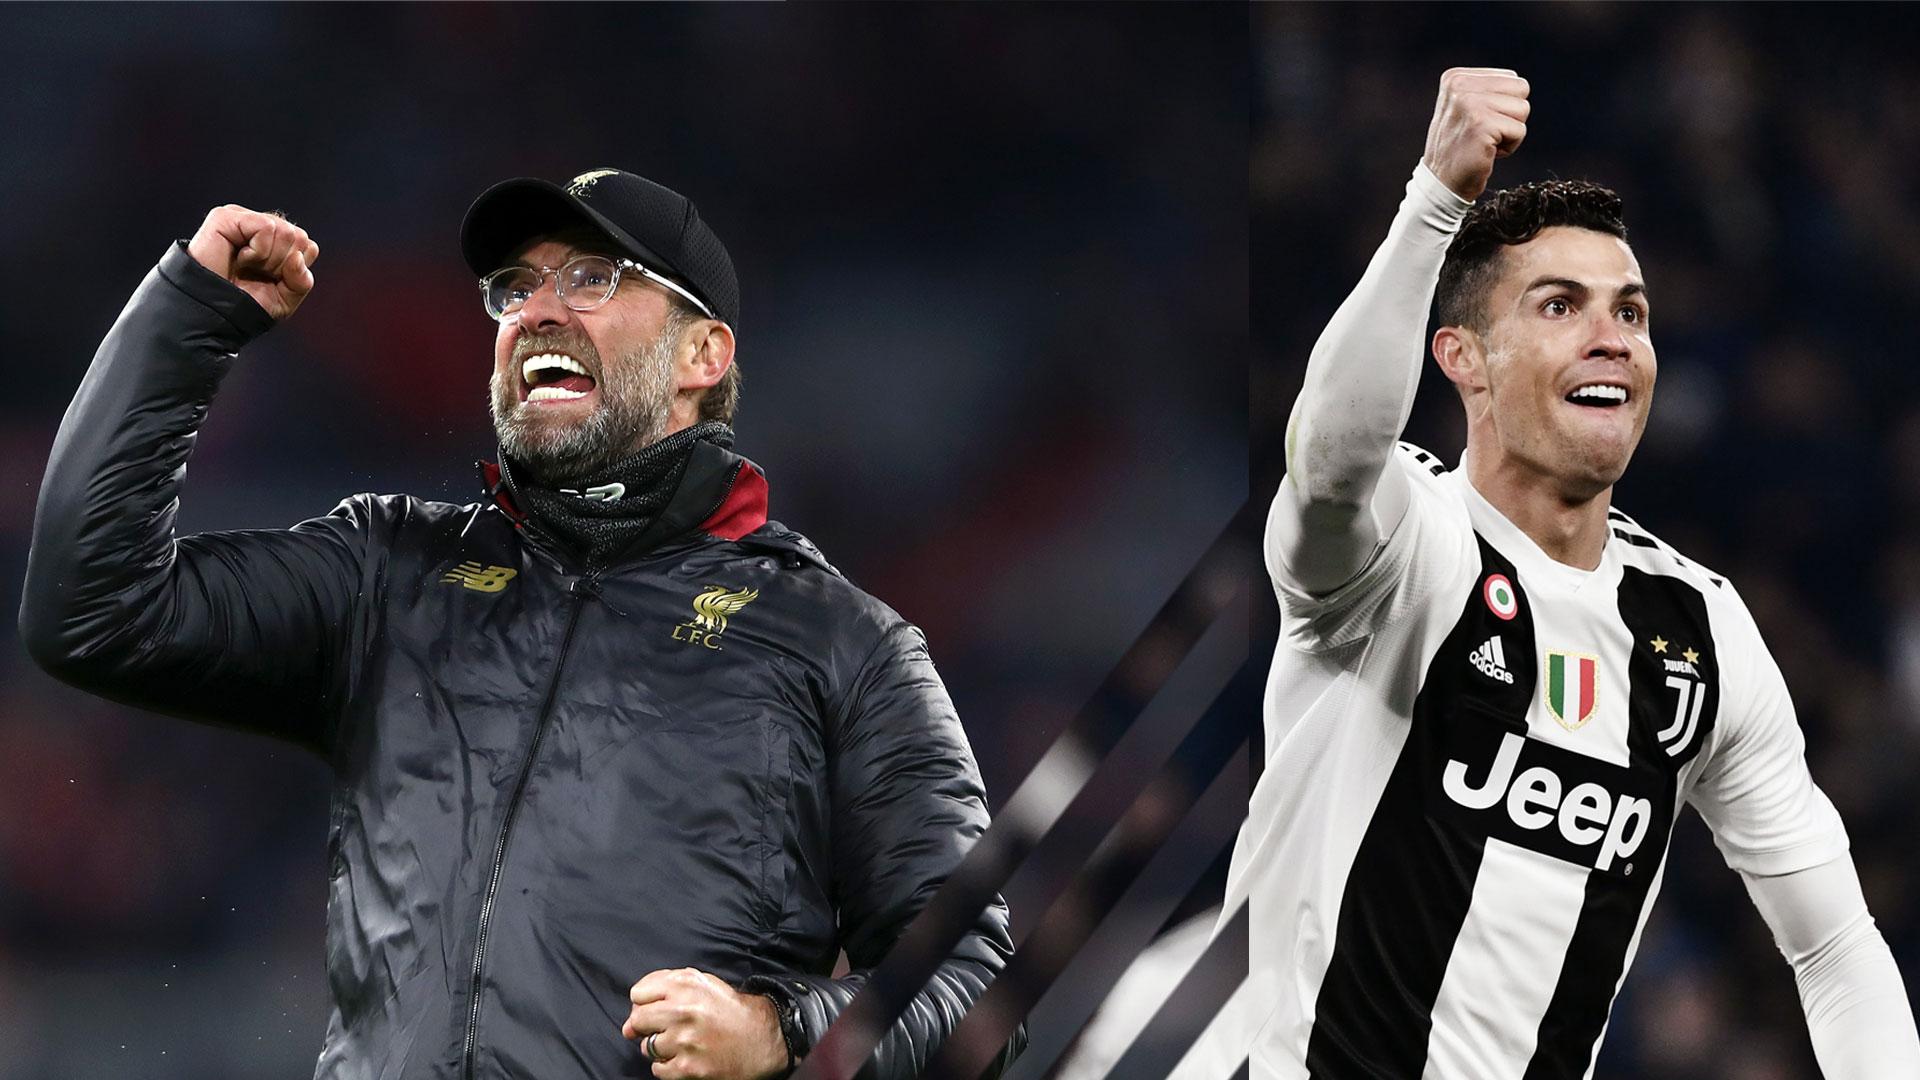 Welche Champions League Spiele überträgt Dazn